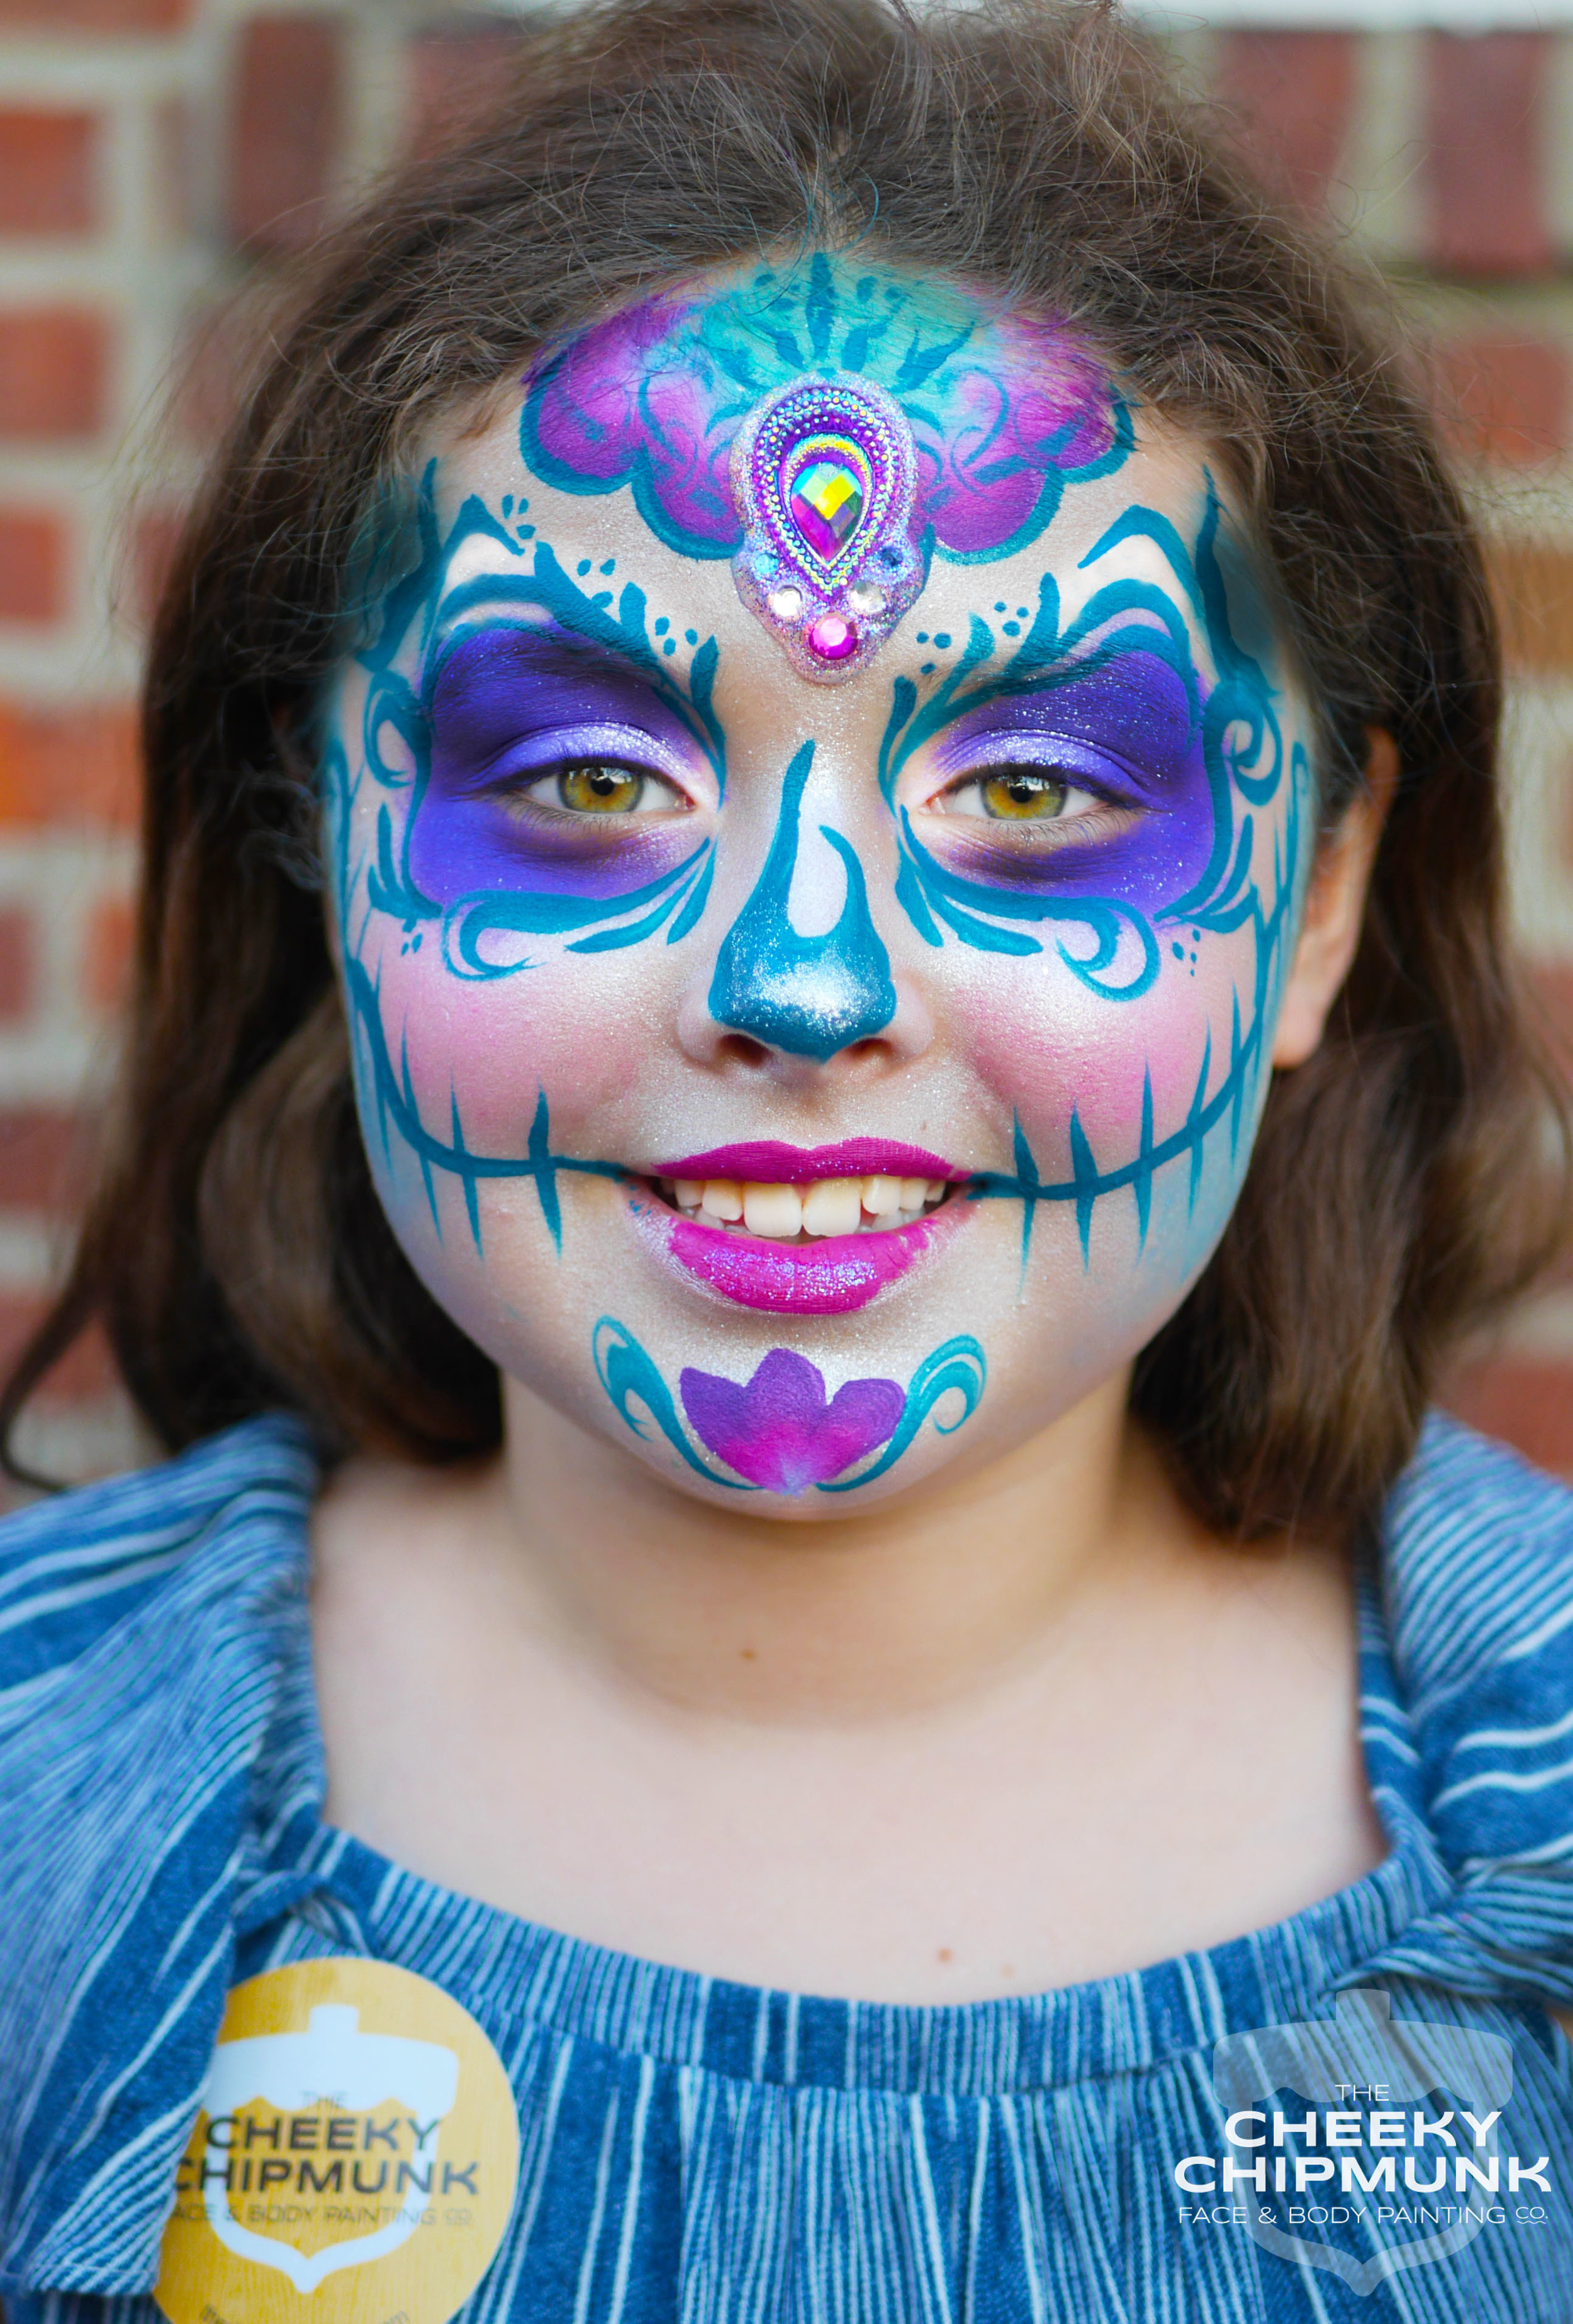 sugarskull_facepainting_nycfacepainter_frankie_birthday_party_lenorekoppelman_thecheekychipmunk.jpg